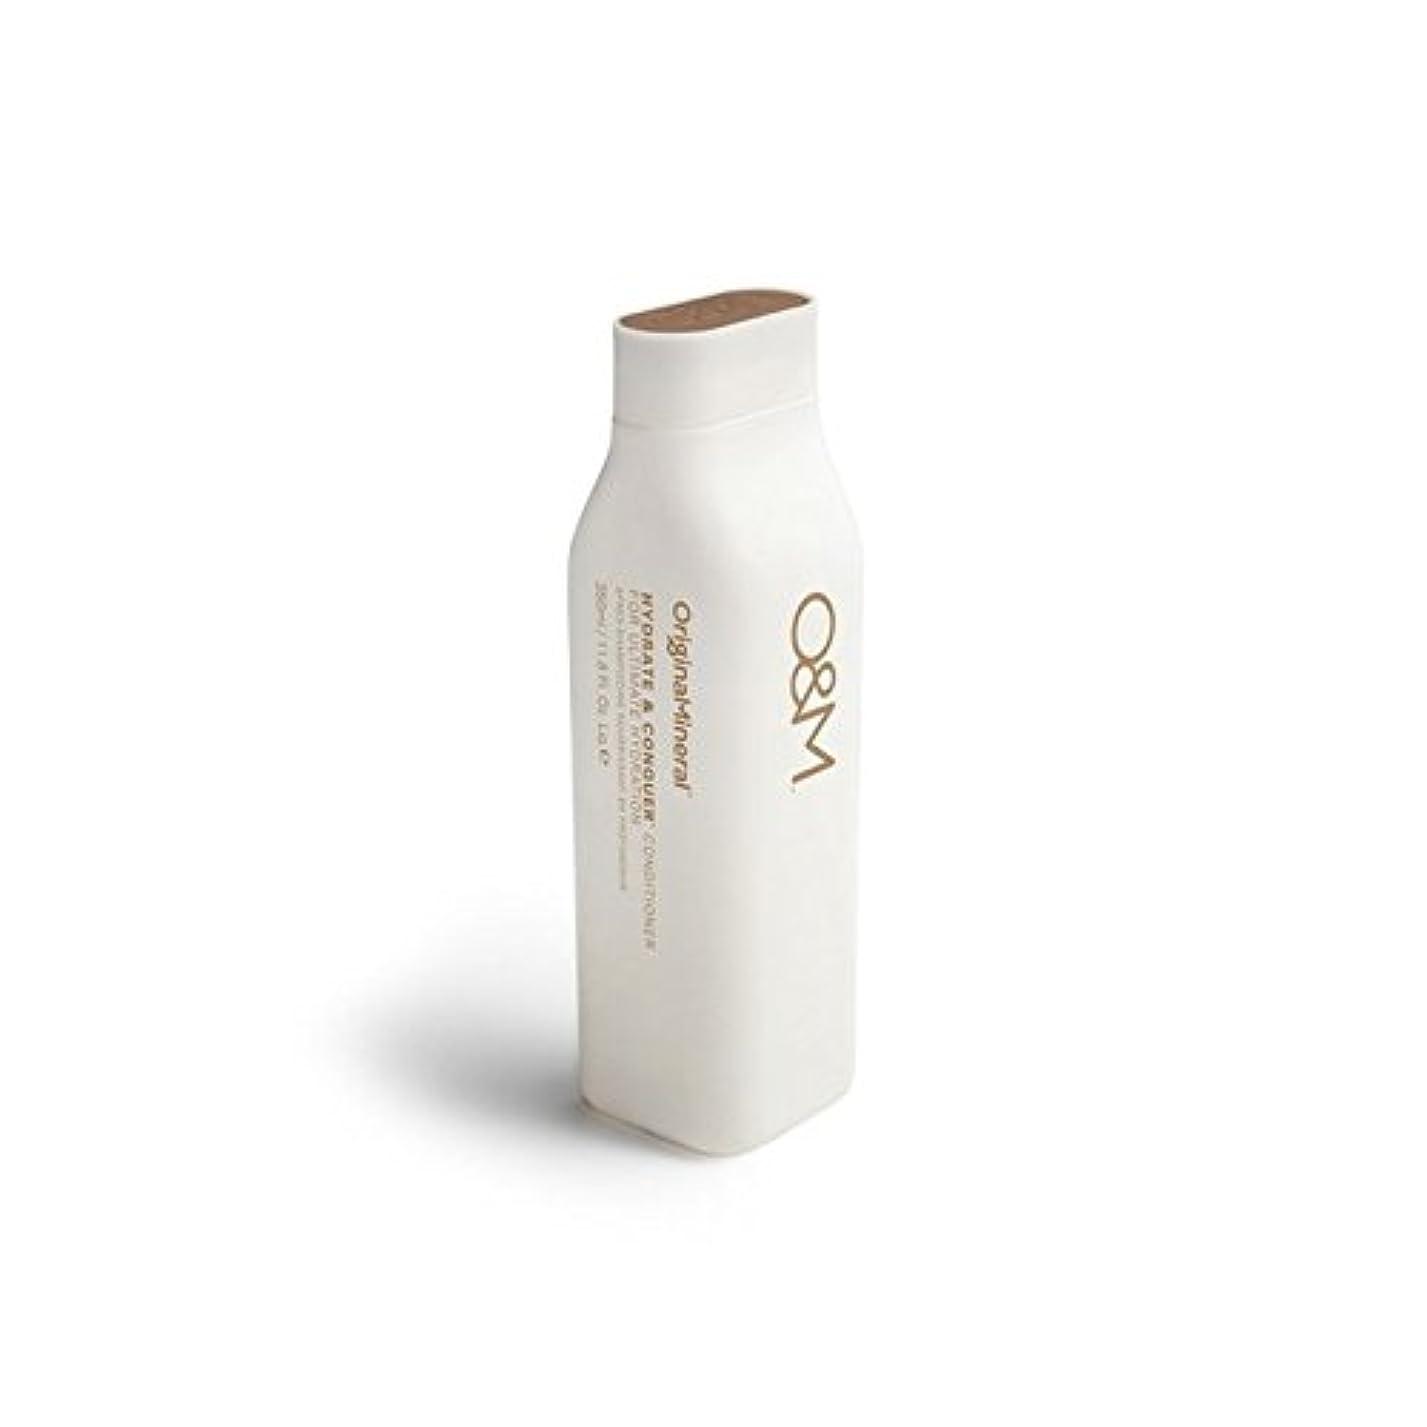 操縦するリビジョン信者Original & Mineral Hydrate And Conquer Conditioner (350ml) (Pack of 6) - オリジナル&ミネラル水和物及びコンディショナー(350ミリリットル)を征服...